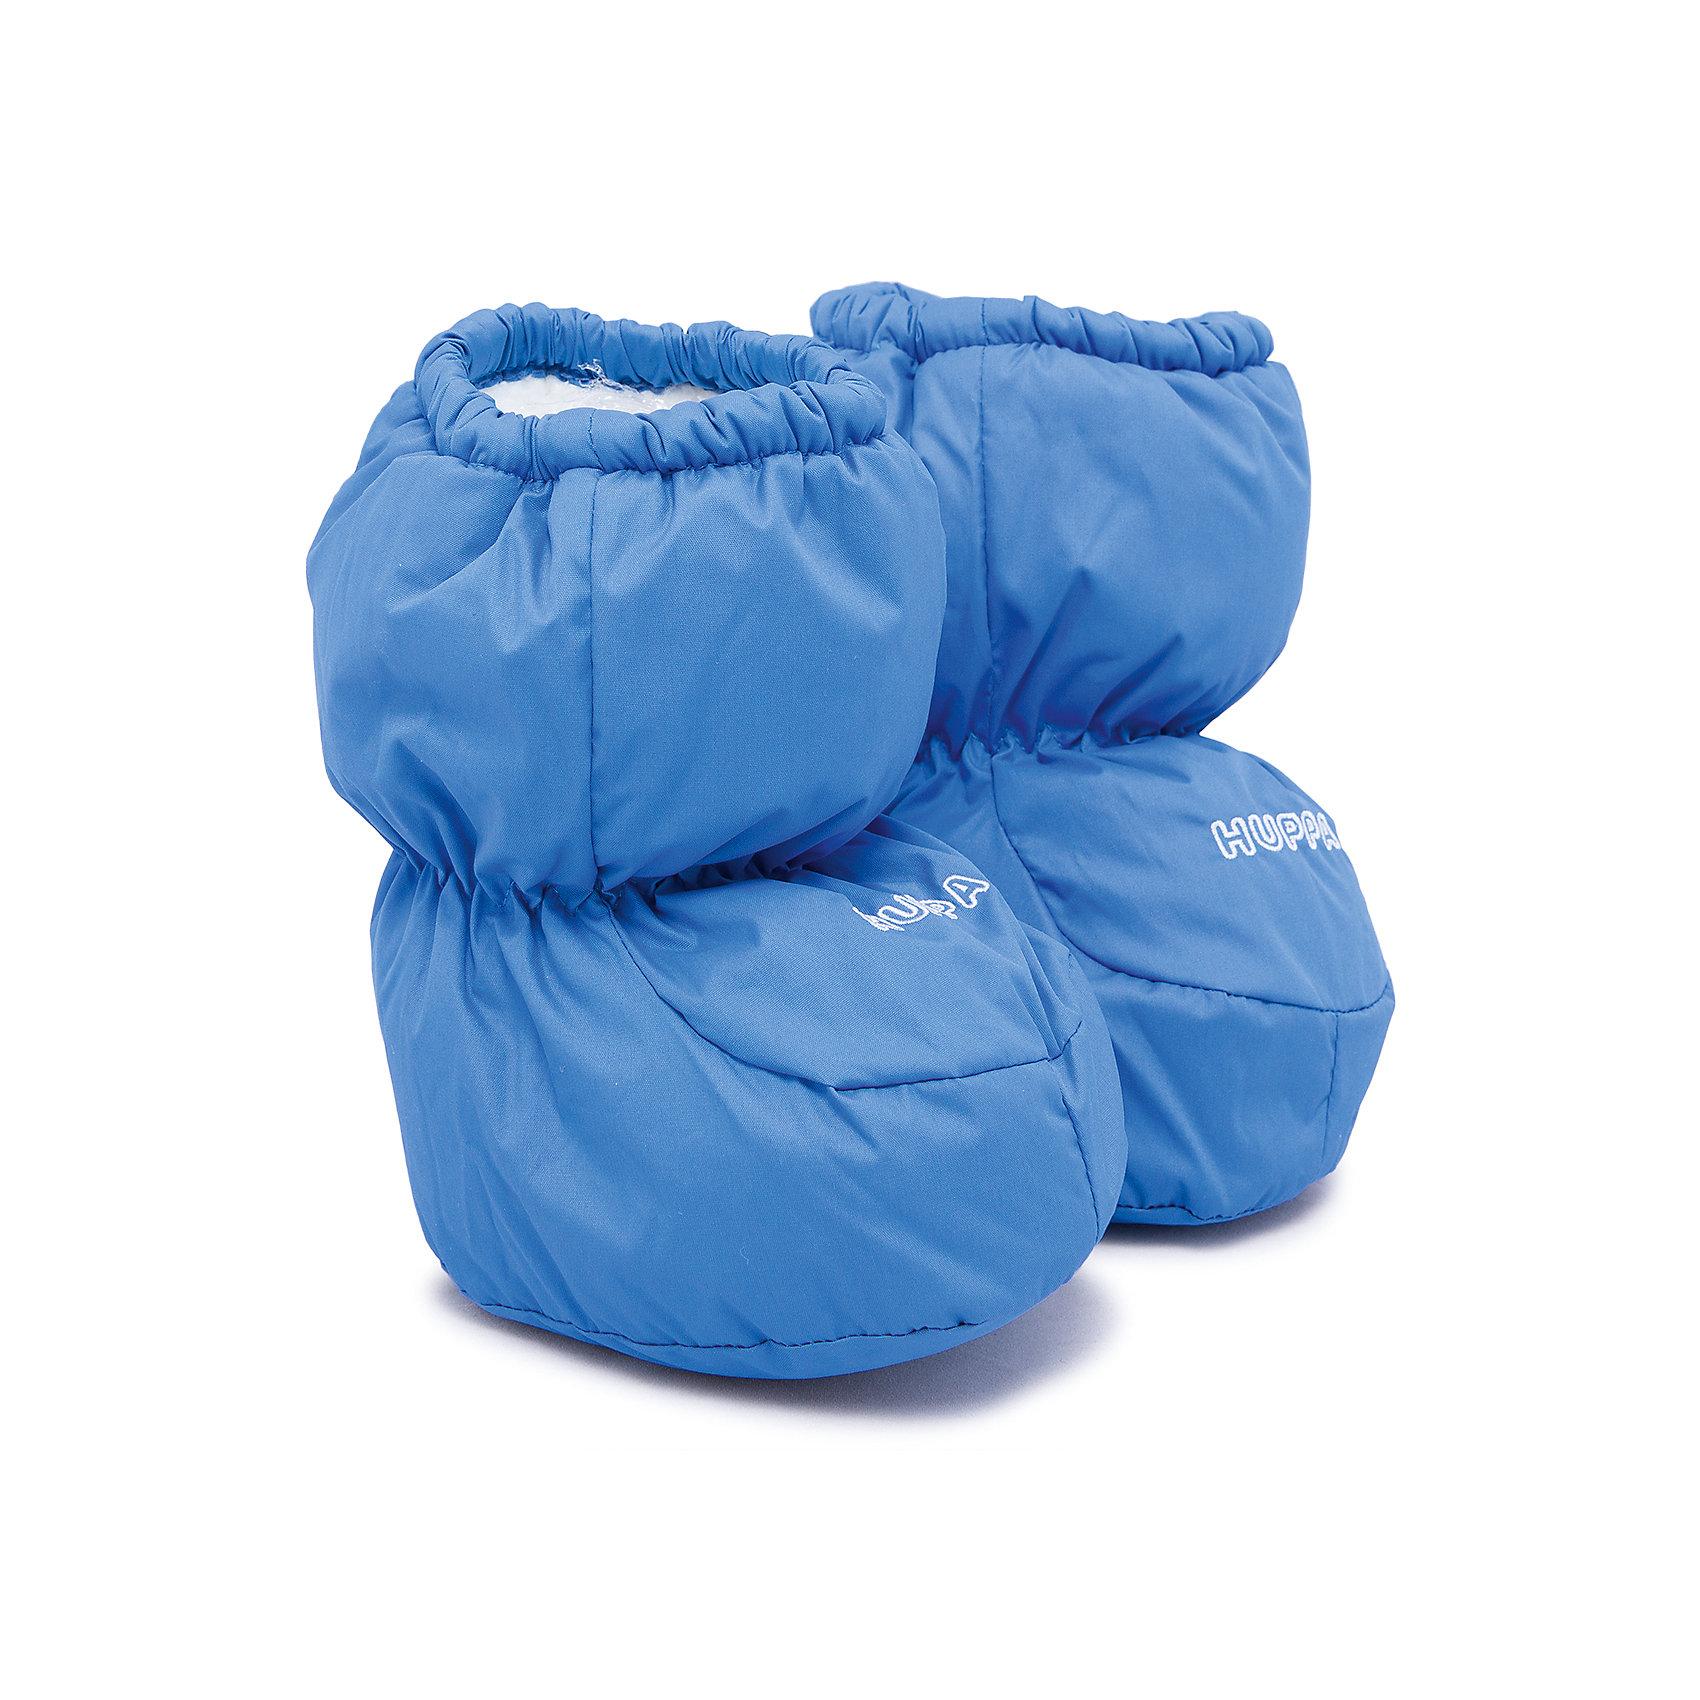 Пинетки HuppaПинетки  Huppa<br><br>Первые прогулочные пинетки для коляски, согреют Вашего малыша в прохладную погоду.<br><br>Состав: 100% Полиэстер<br><br>Ширина мм: 157<br>Глубина мм: 13<br>Высота мм: 119<br>Вес г: 200<br>Цвет: синий<br>Возраст от месяцев: 0<br>Возраст до месяцев: 12<br>Пол: Мужской<br>Возраст: Детский<br>Размер: one size<br>SKU: 4923945